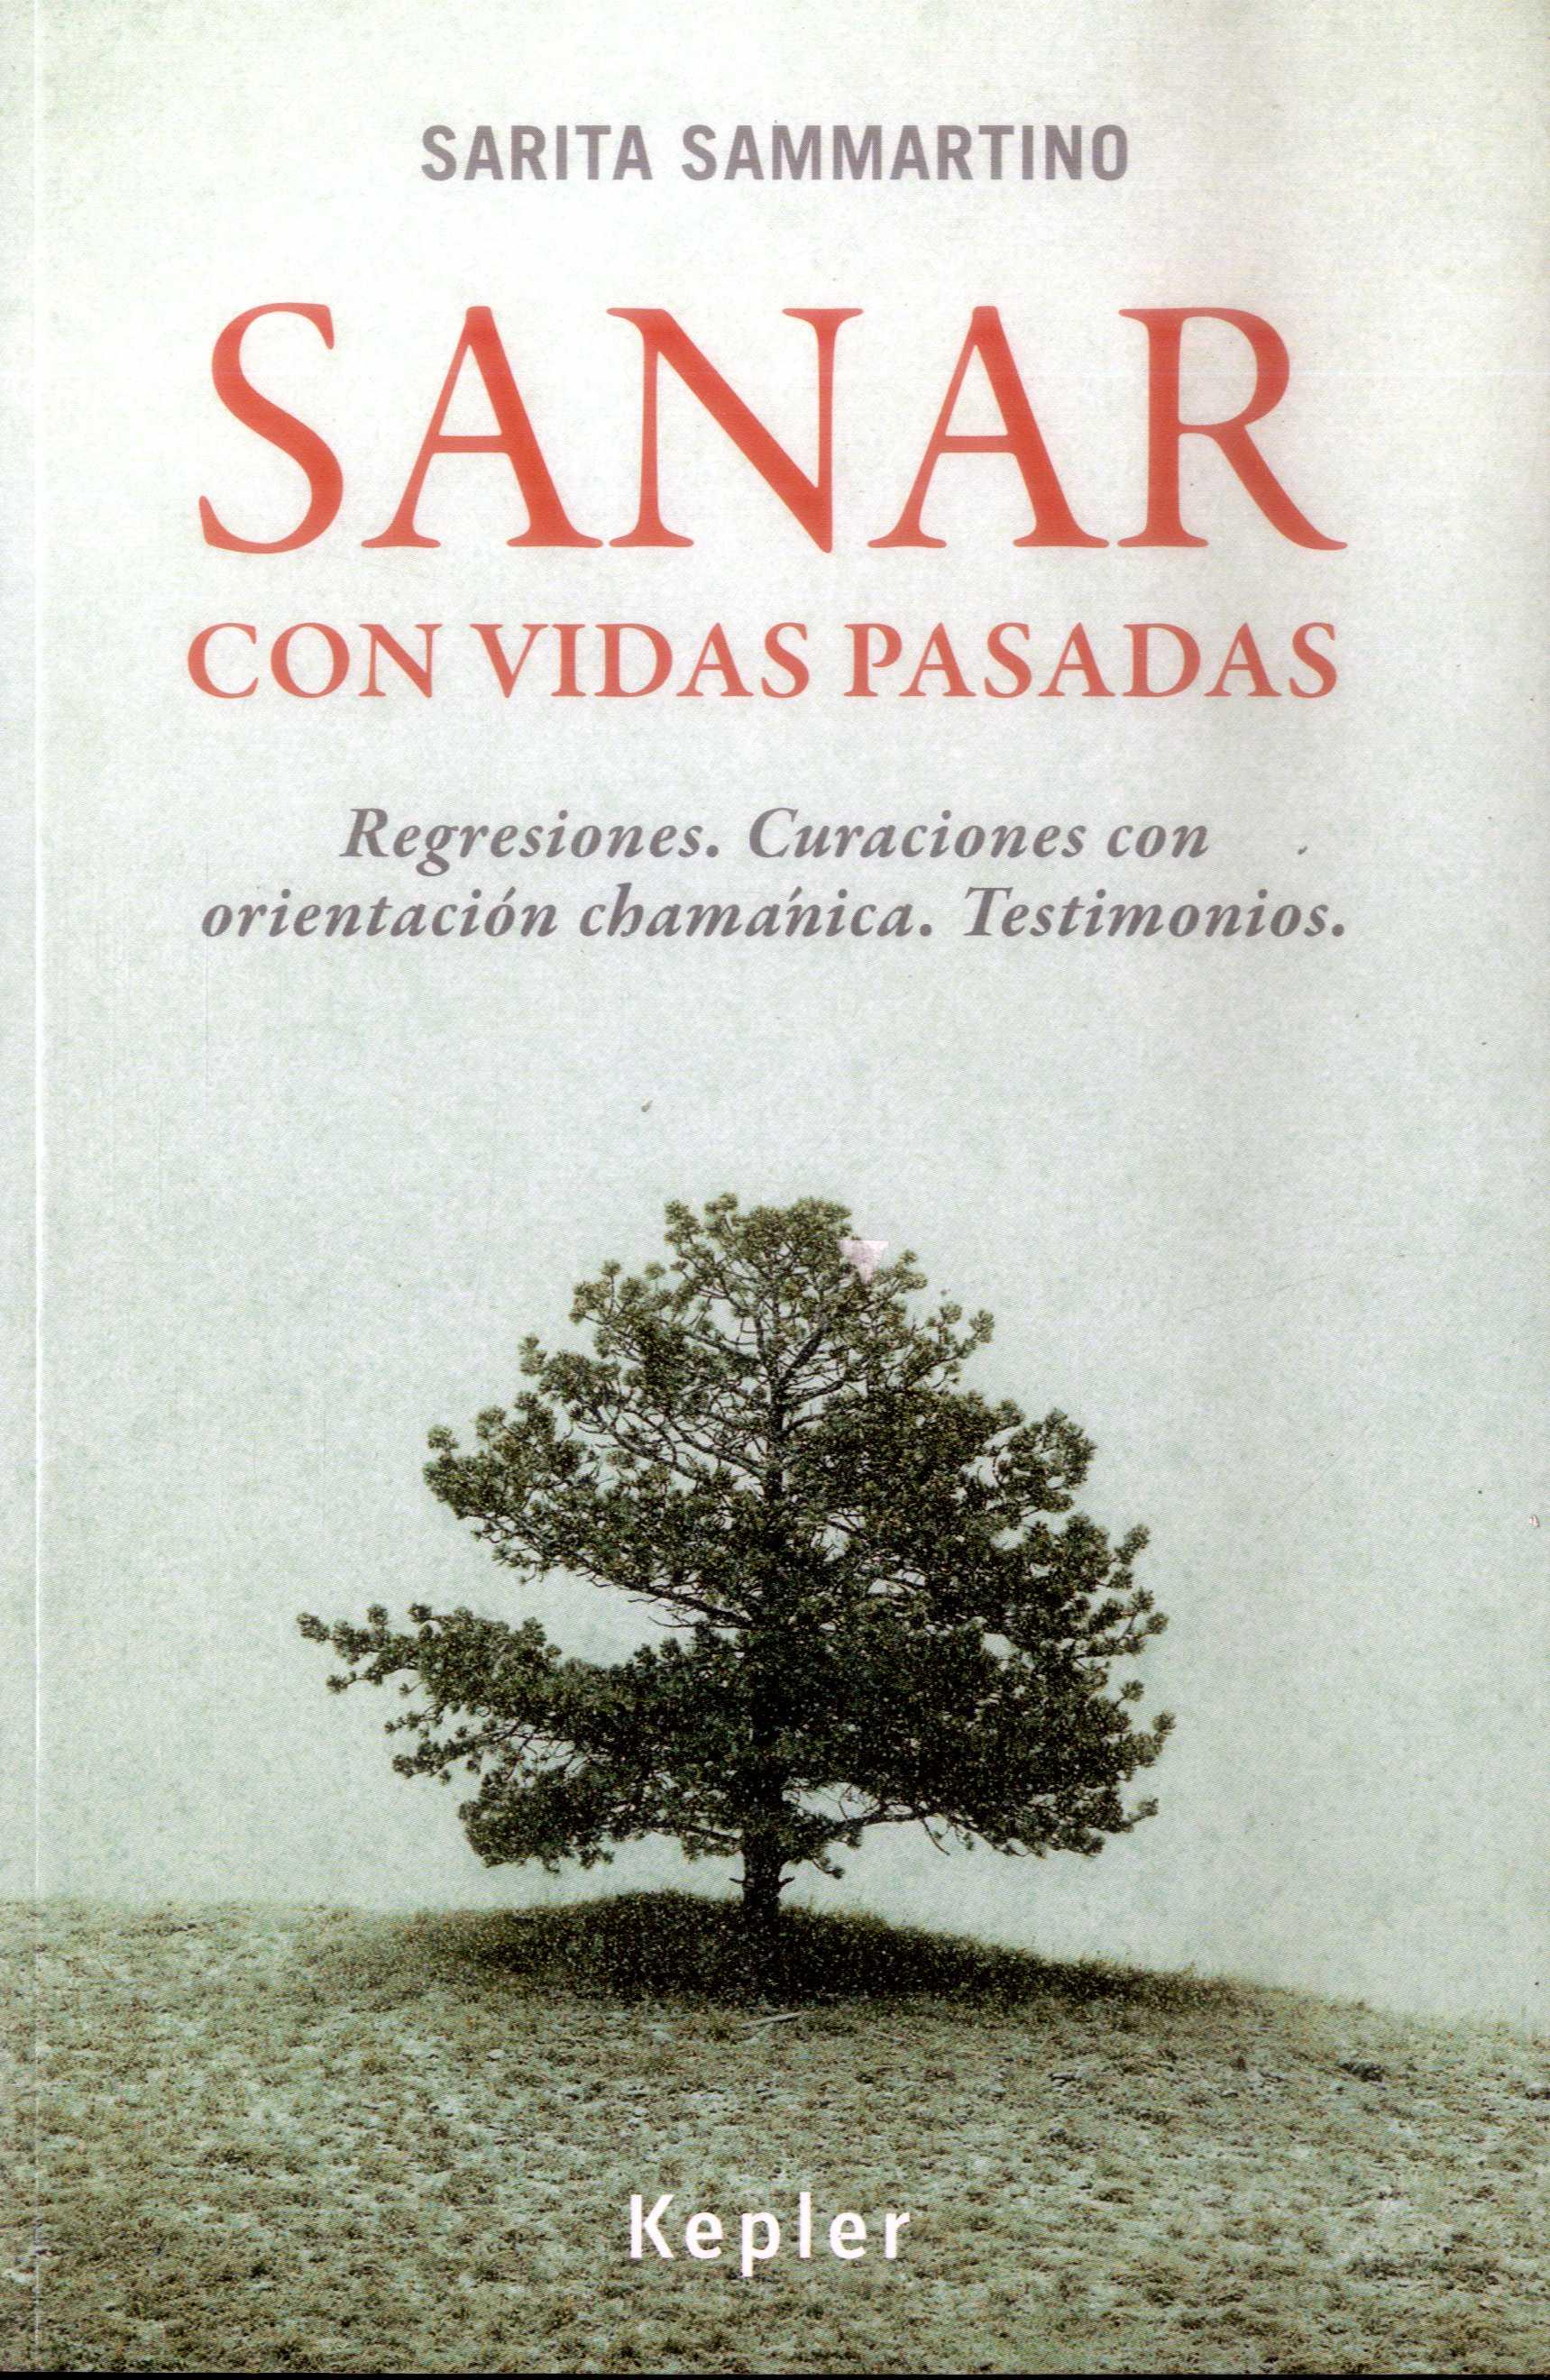 Sanar con Vidas Pasadas - Sarita Sammartino - Kepler